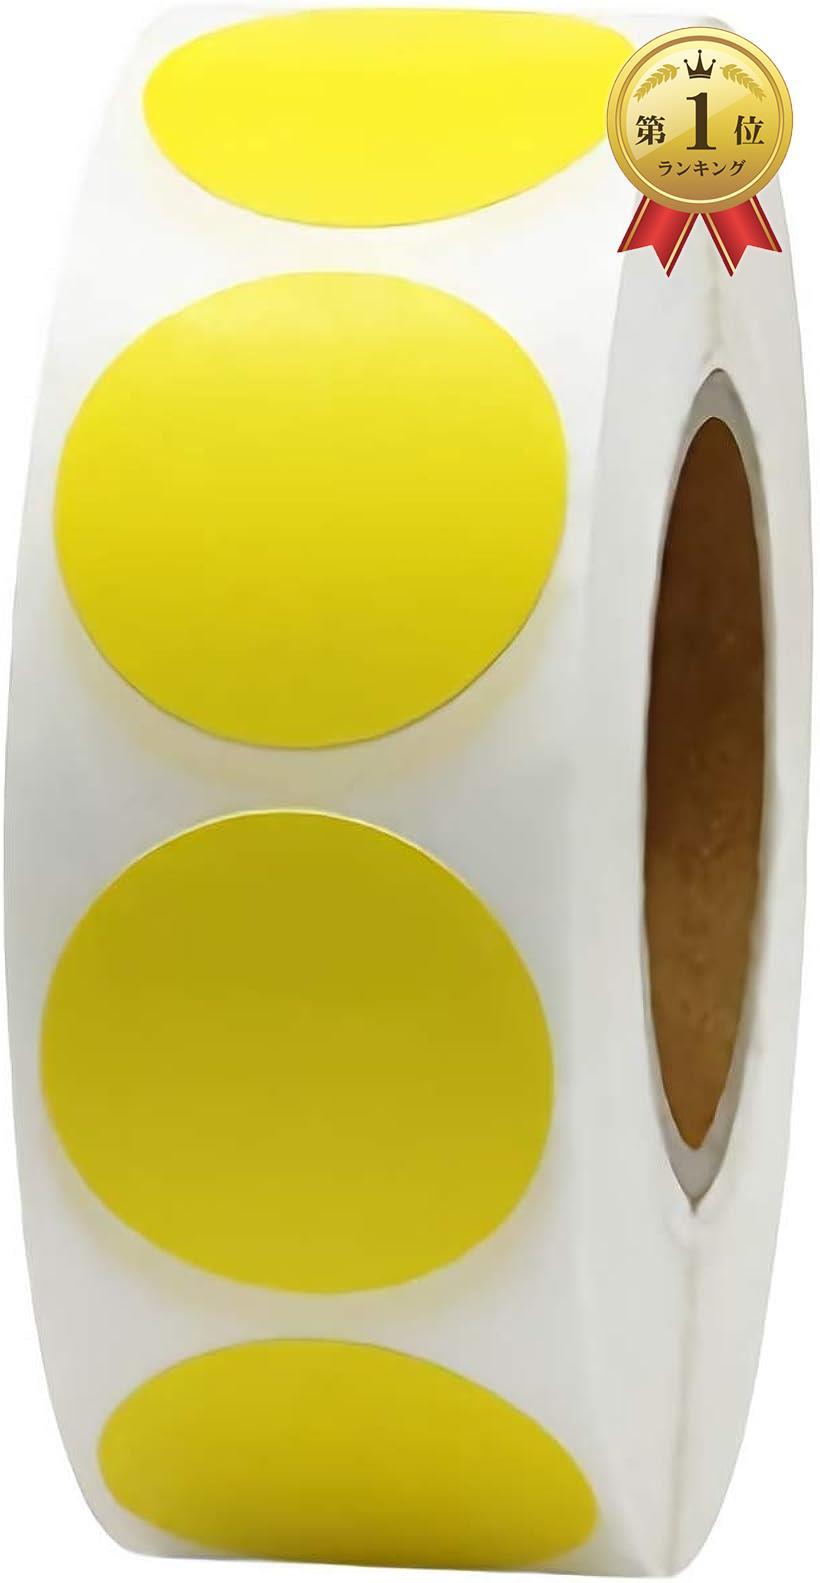 ノンブランド品 かきもと商店 円形シール ステッカー 丸型 ロール 大容量 実物 ラベル 25mm 1000枚 完売 イエロー 25ミリ